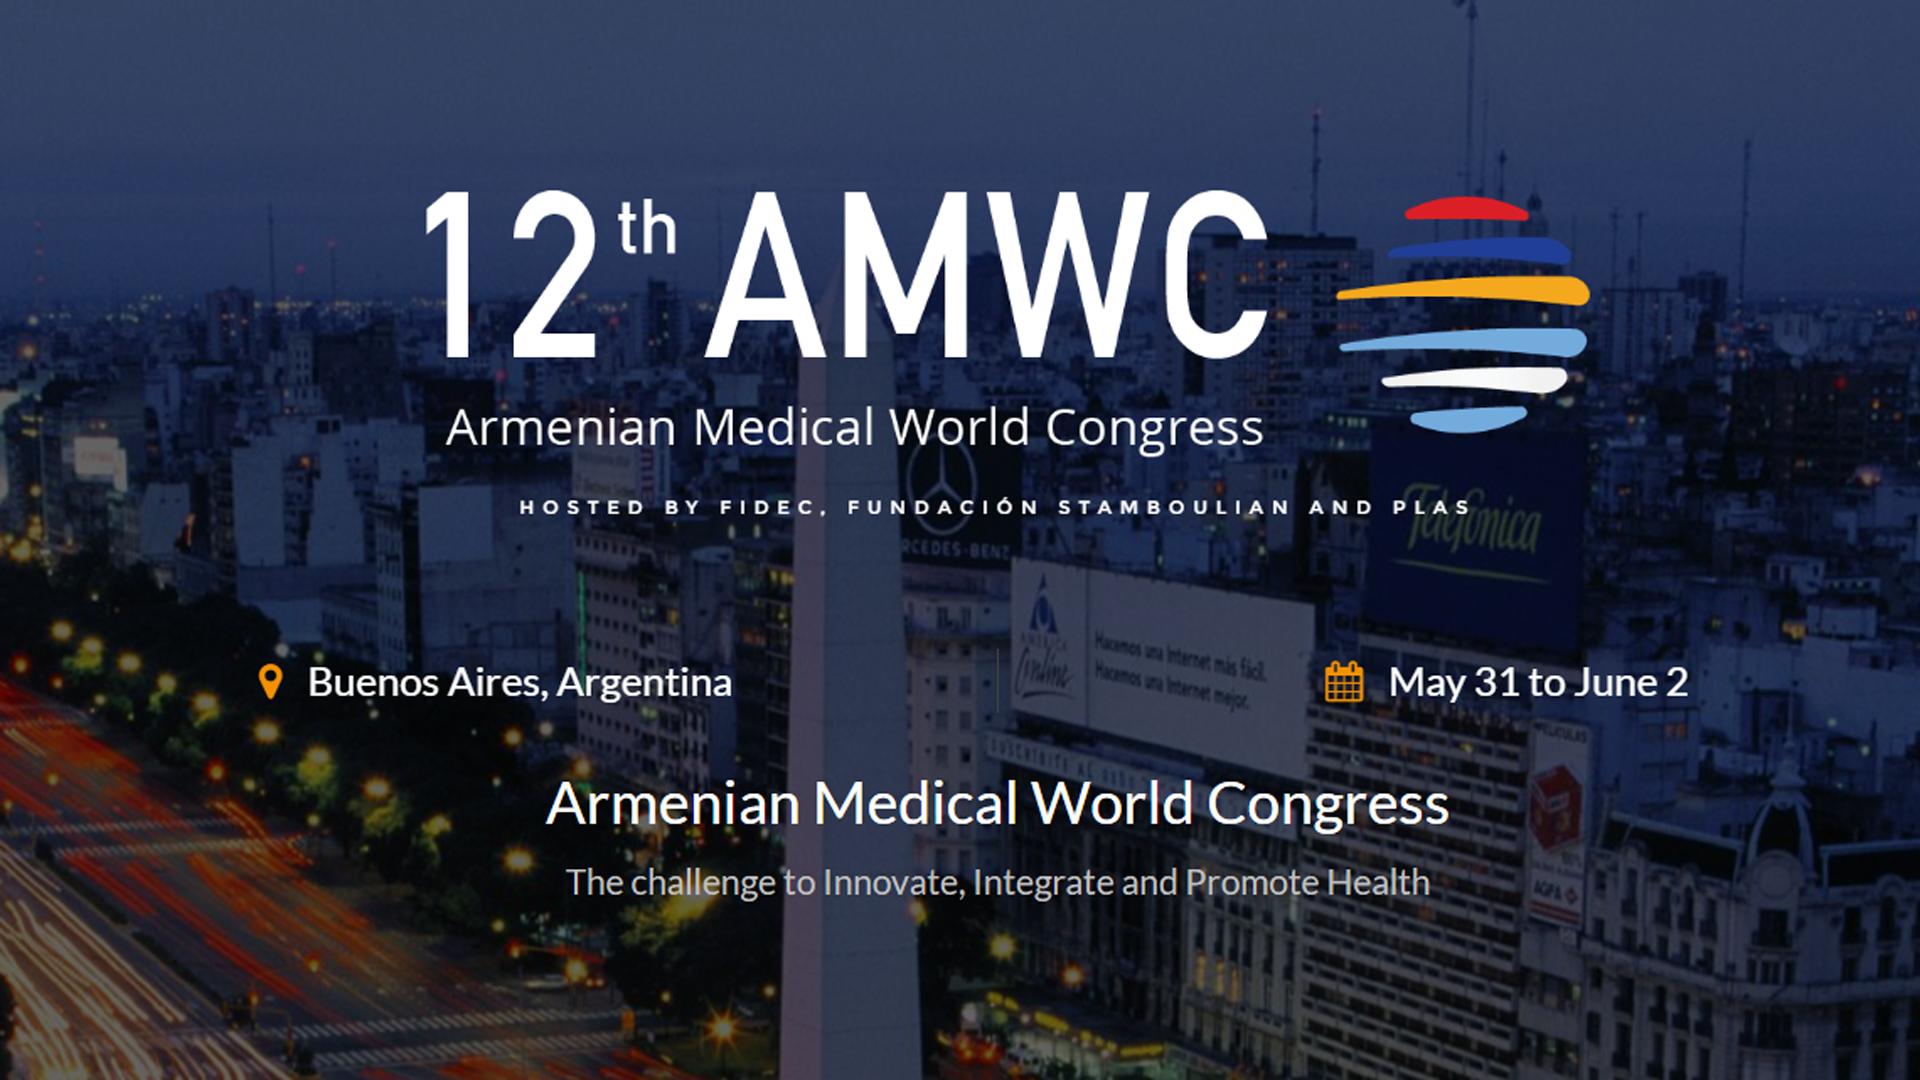 La conferencia llegará por primera vez a América Latina a finales de mayo de 2017